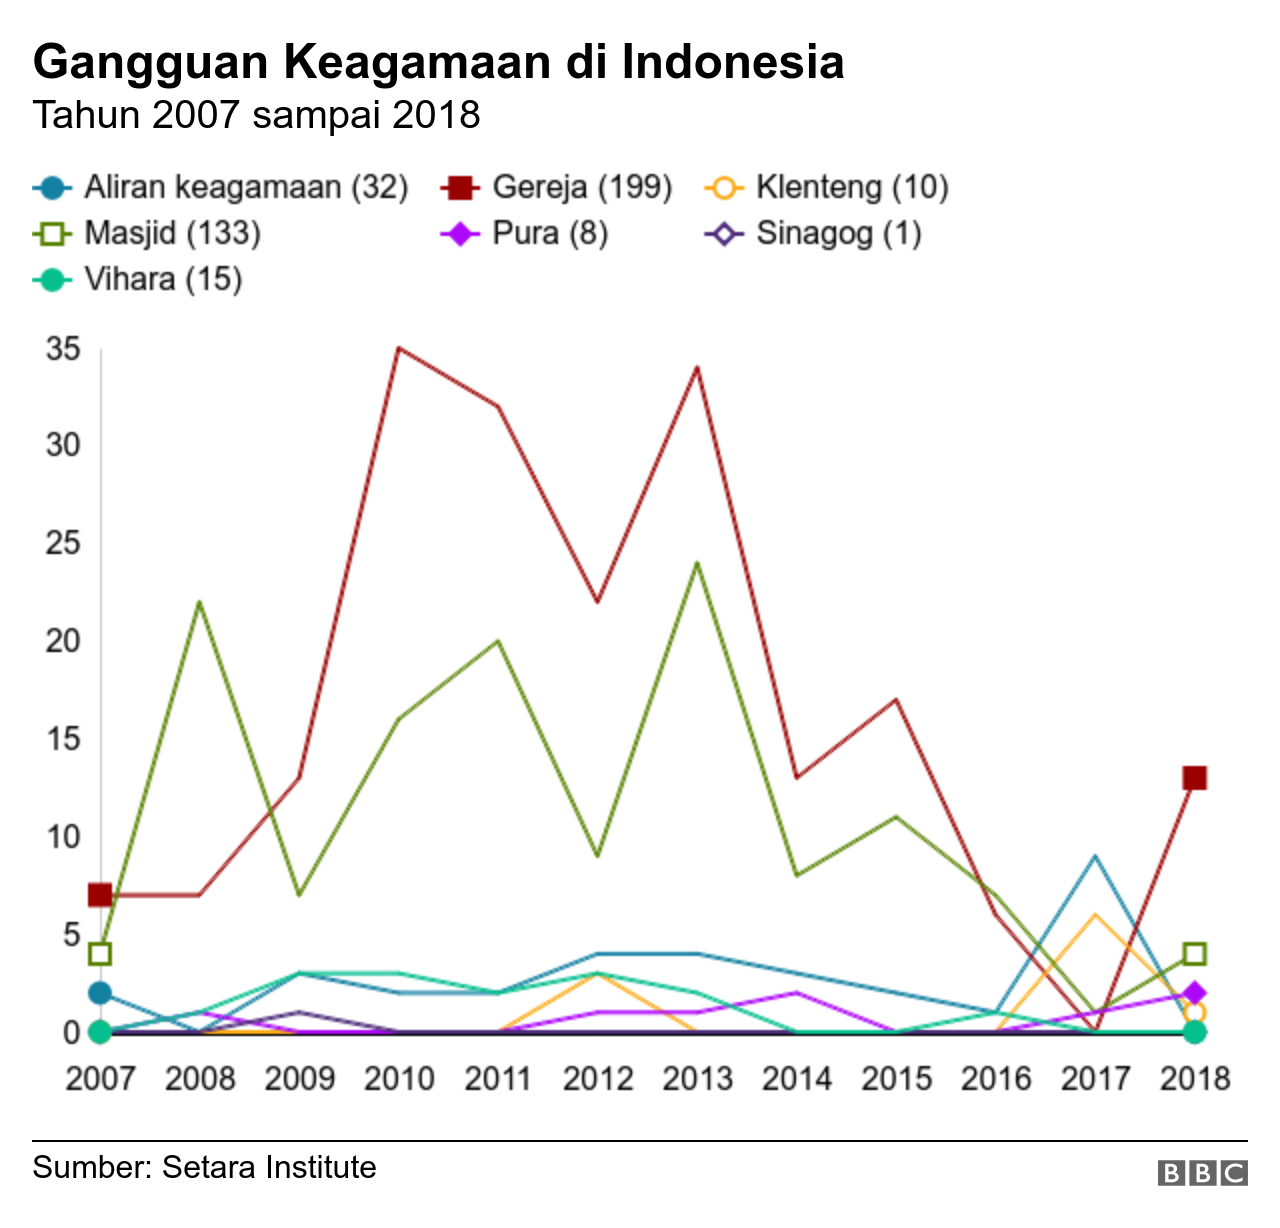 Gangguan Keagamaan di Indonesia